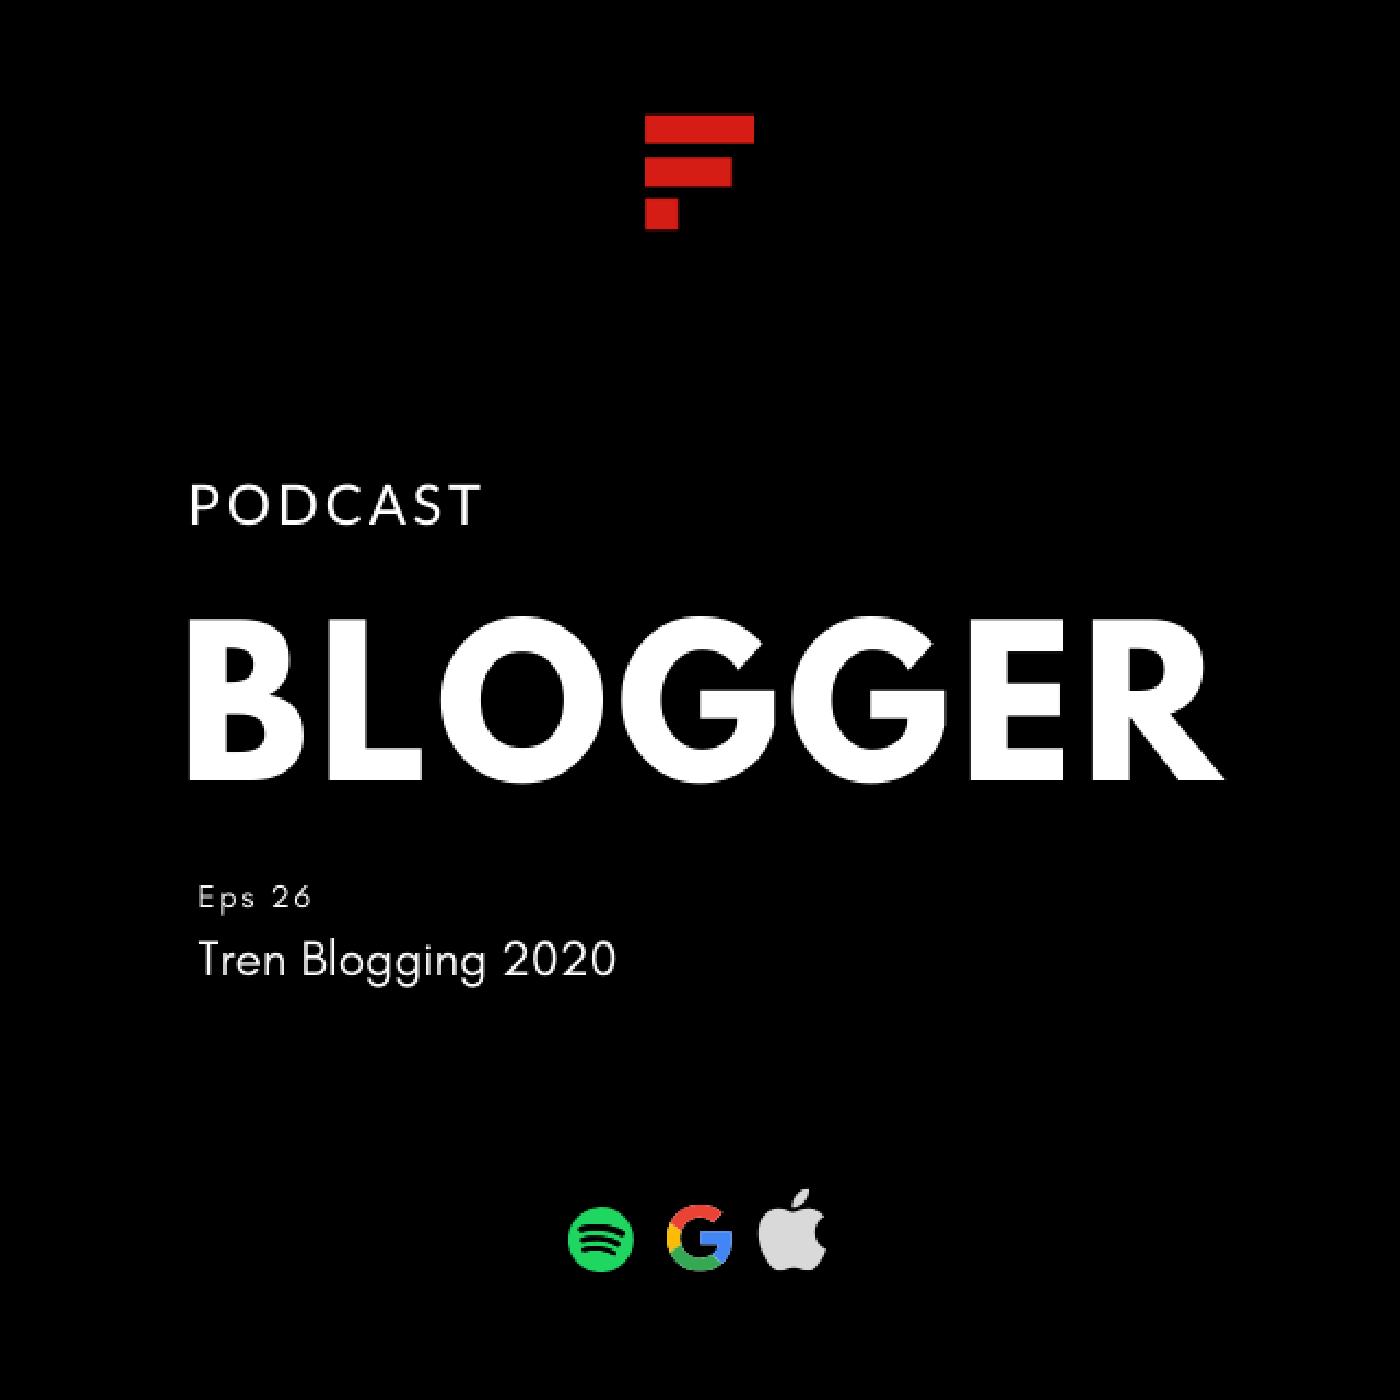 EPS26: Tren Blogging 2020